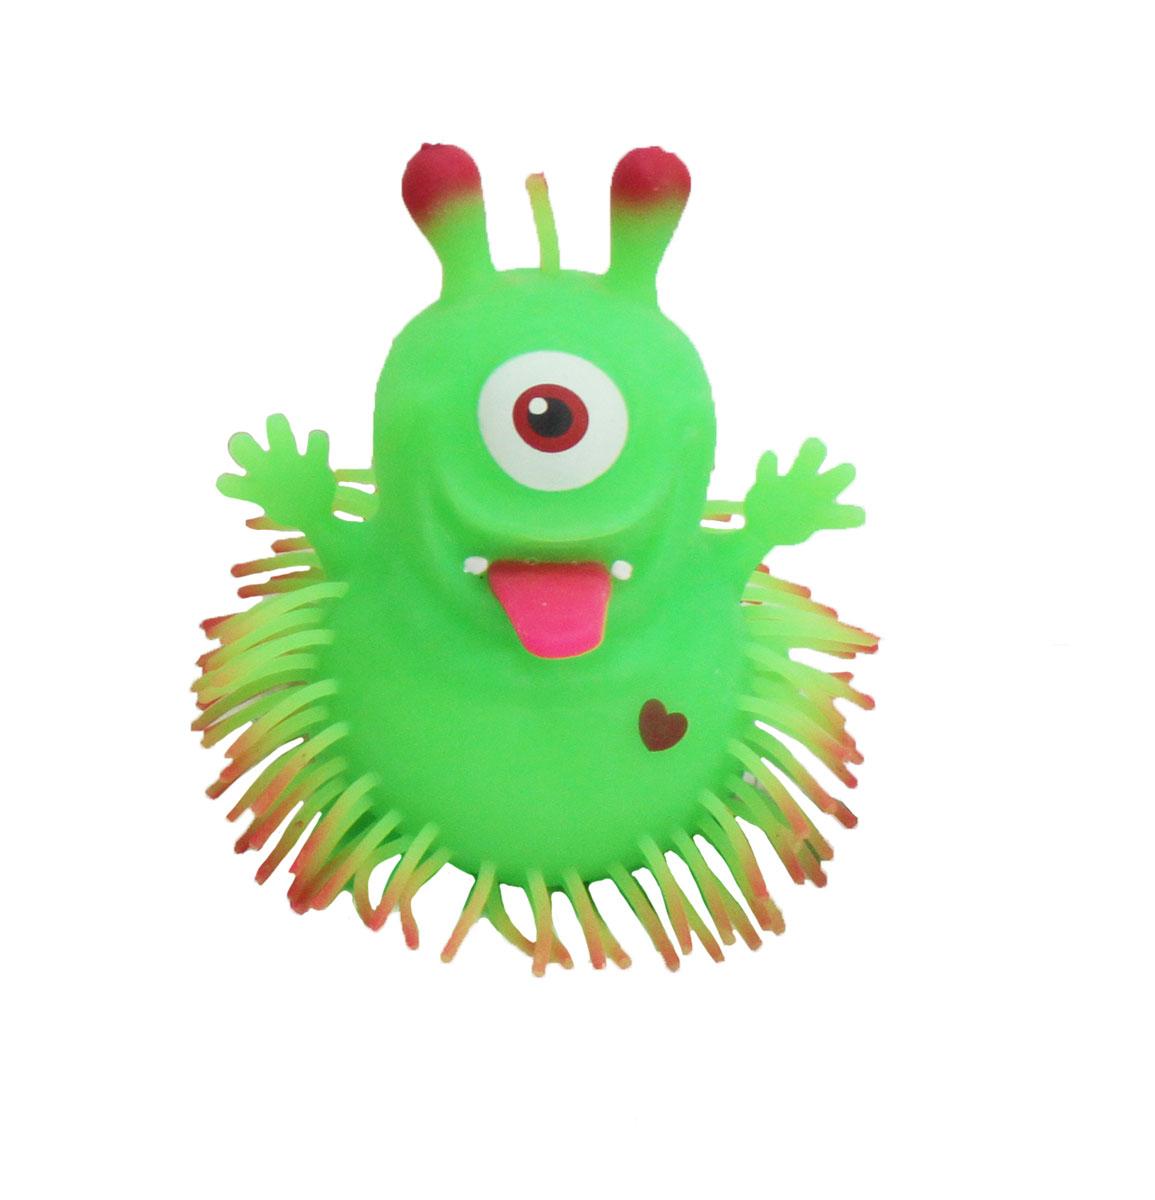 1TOY Игрушка-антистресс Ё-Ёжик Инопланетянин одноглазый цвет зеленыйТ56239_зелёный с рожкамиЁ-Ёжик - это яркая игрушка-антистресс - мягкая, приятная на ощупь и напоминающая свернувшегося ёжика. Взяв игрушку в руки, расстаться с ней просто невозможно! Её не только приятно держать в руках, если перекинуть игрушку из руки в руку, она начнёт мигать цветными огоньками. Игрушка зеленого цвета в виде инопланетянина с длинными мягкими колючками. Данная игрушка рассчитана на широкую целевую аудиторию, как детей от трёх лет, так и взрослых. Ё-Ёжик обязательно станет самым любимым забавным сувениром.